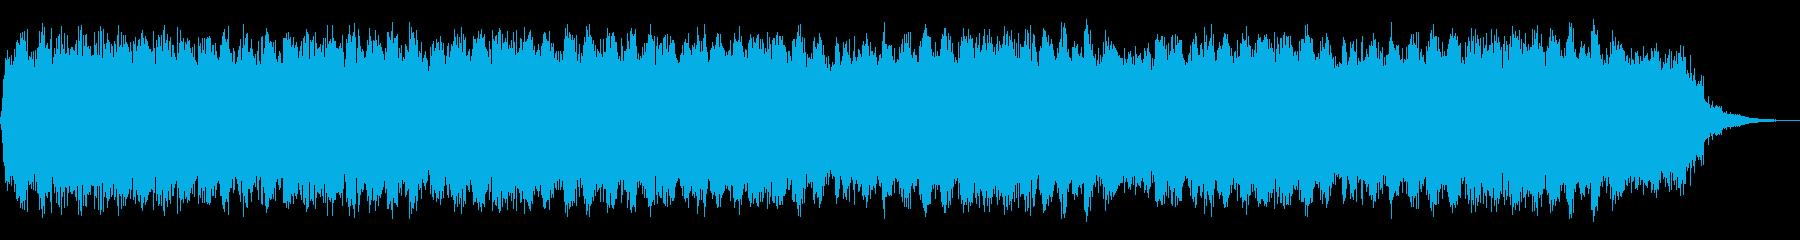 電気:低パルス、SCI FI宇宙ド...の再生済みの波形